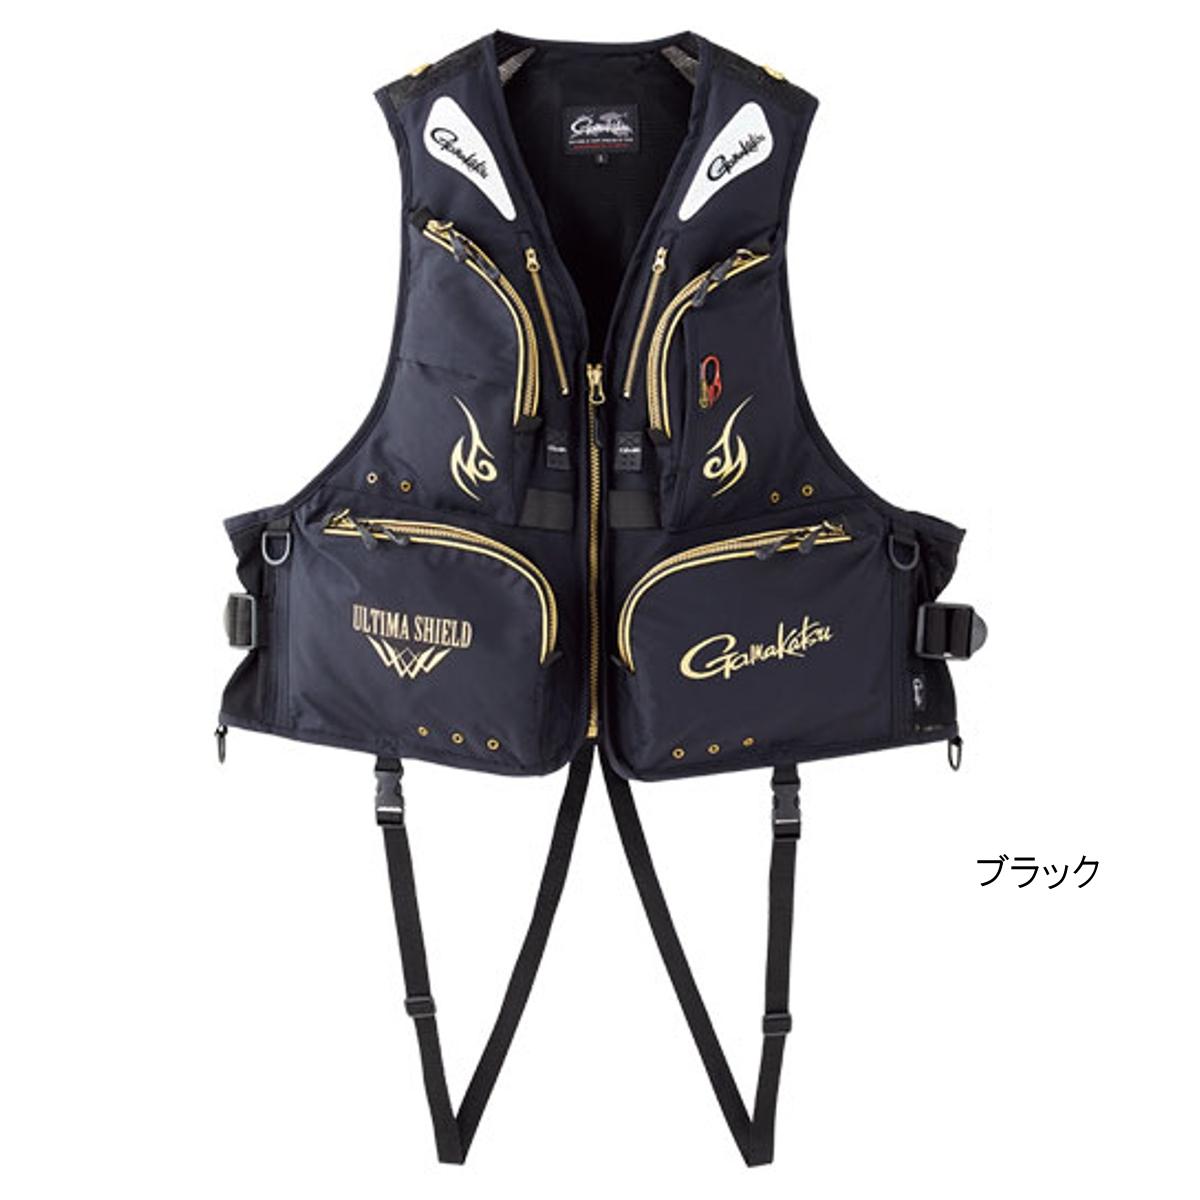 アルテマシールド200 フローティングベスト GM-2185 L ブラック【送料無料】